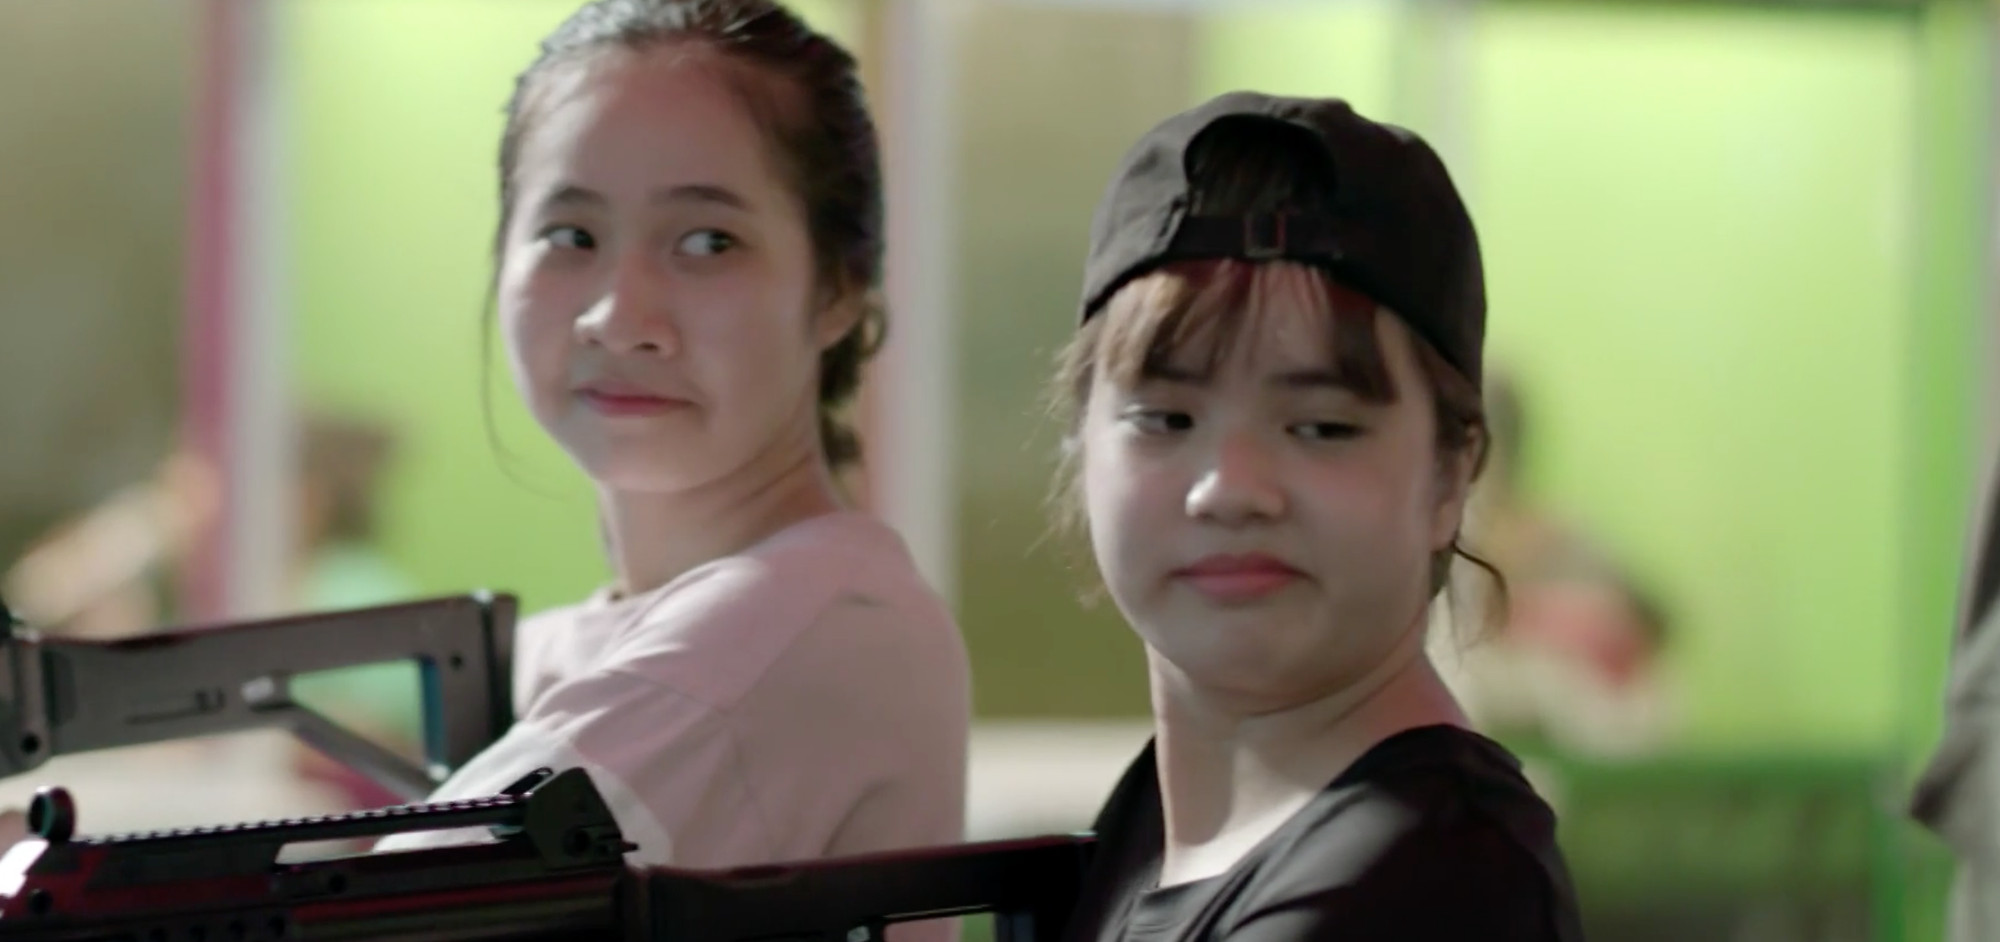 Sau 12 tập lên sóng, Hậu Duệ Mặt Trời bản Việt có gì khác với bản gốc? - Ảnh 4.